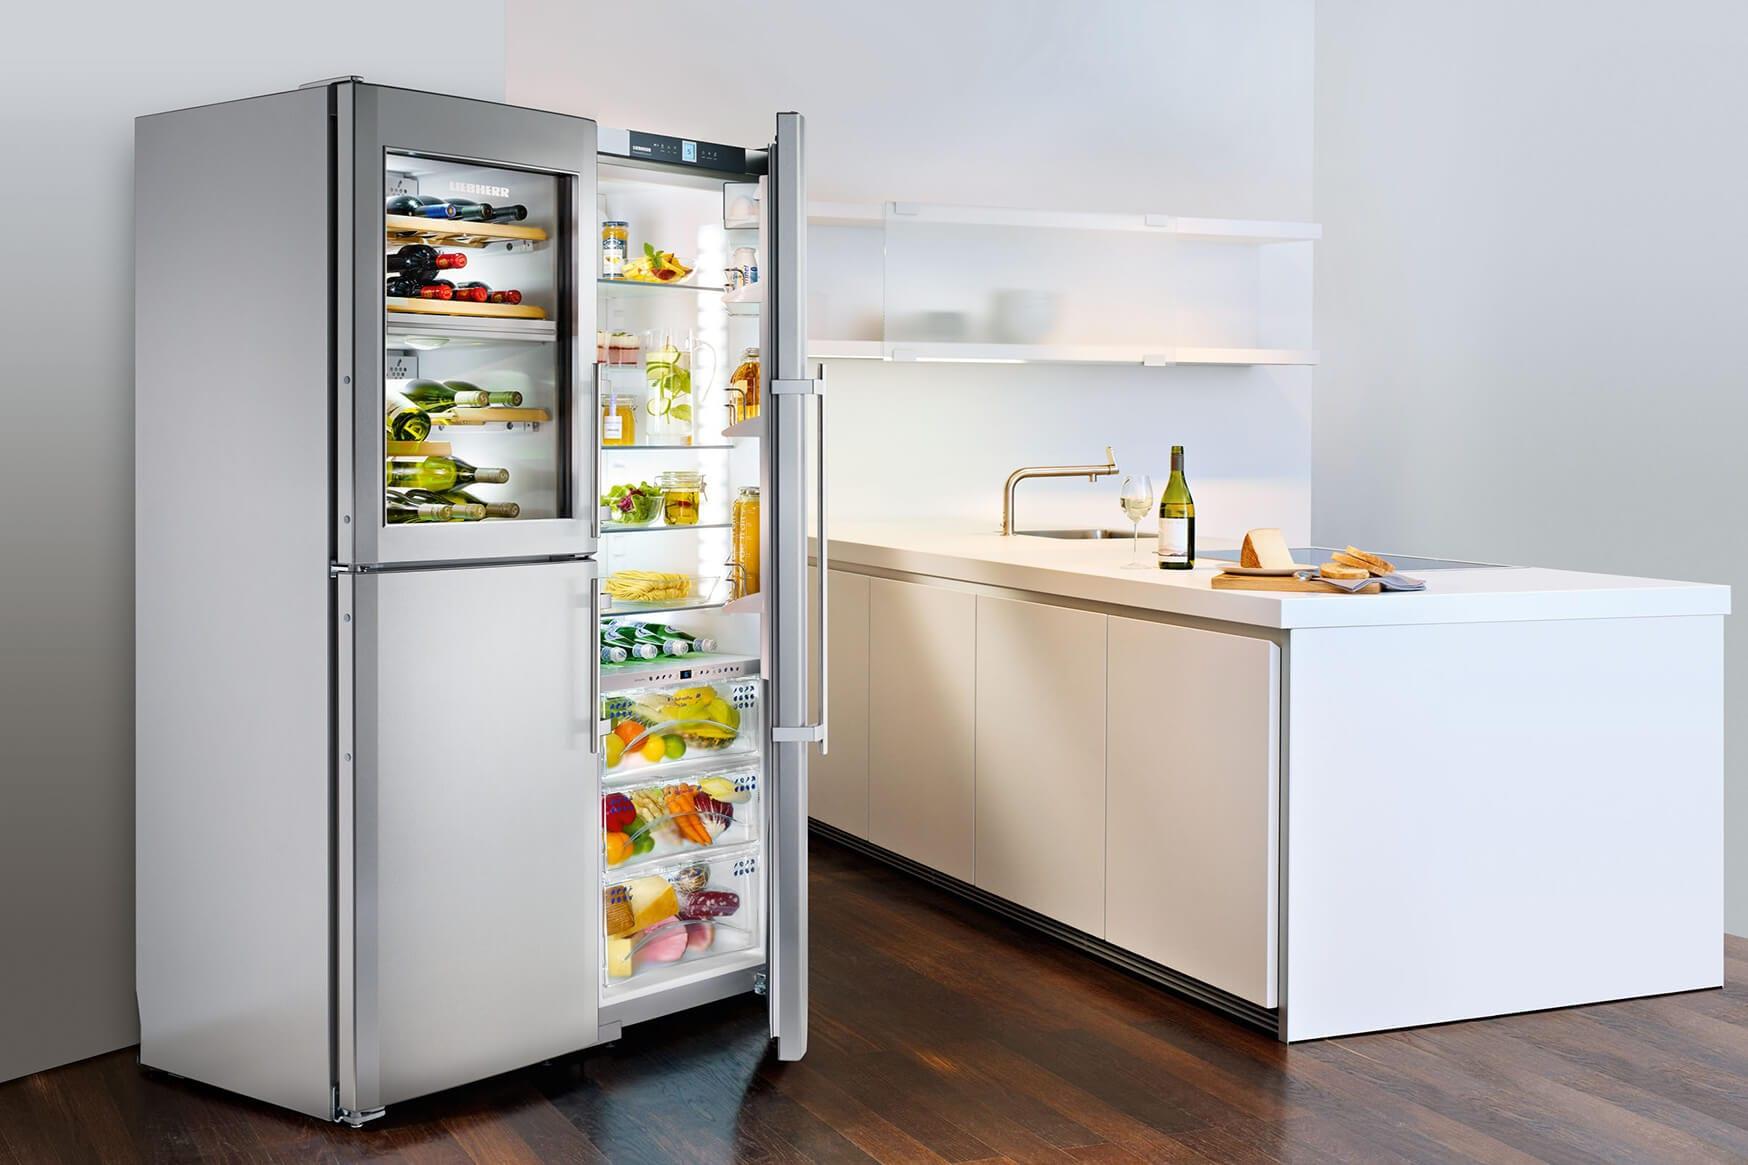 Liebherr Kühlschrank Edelstahl : Info center: service auf allen kanälen von liebherr hausgeräte